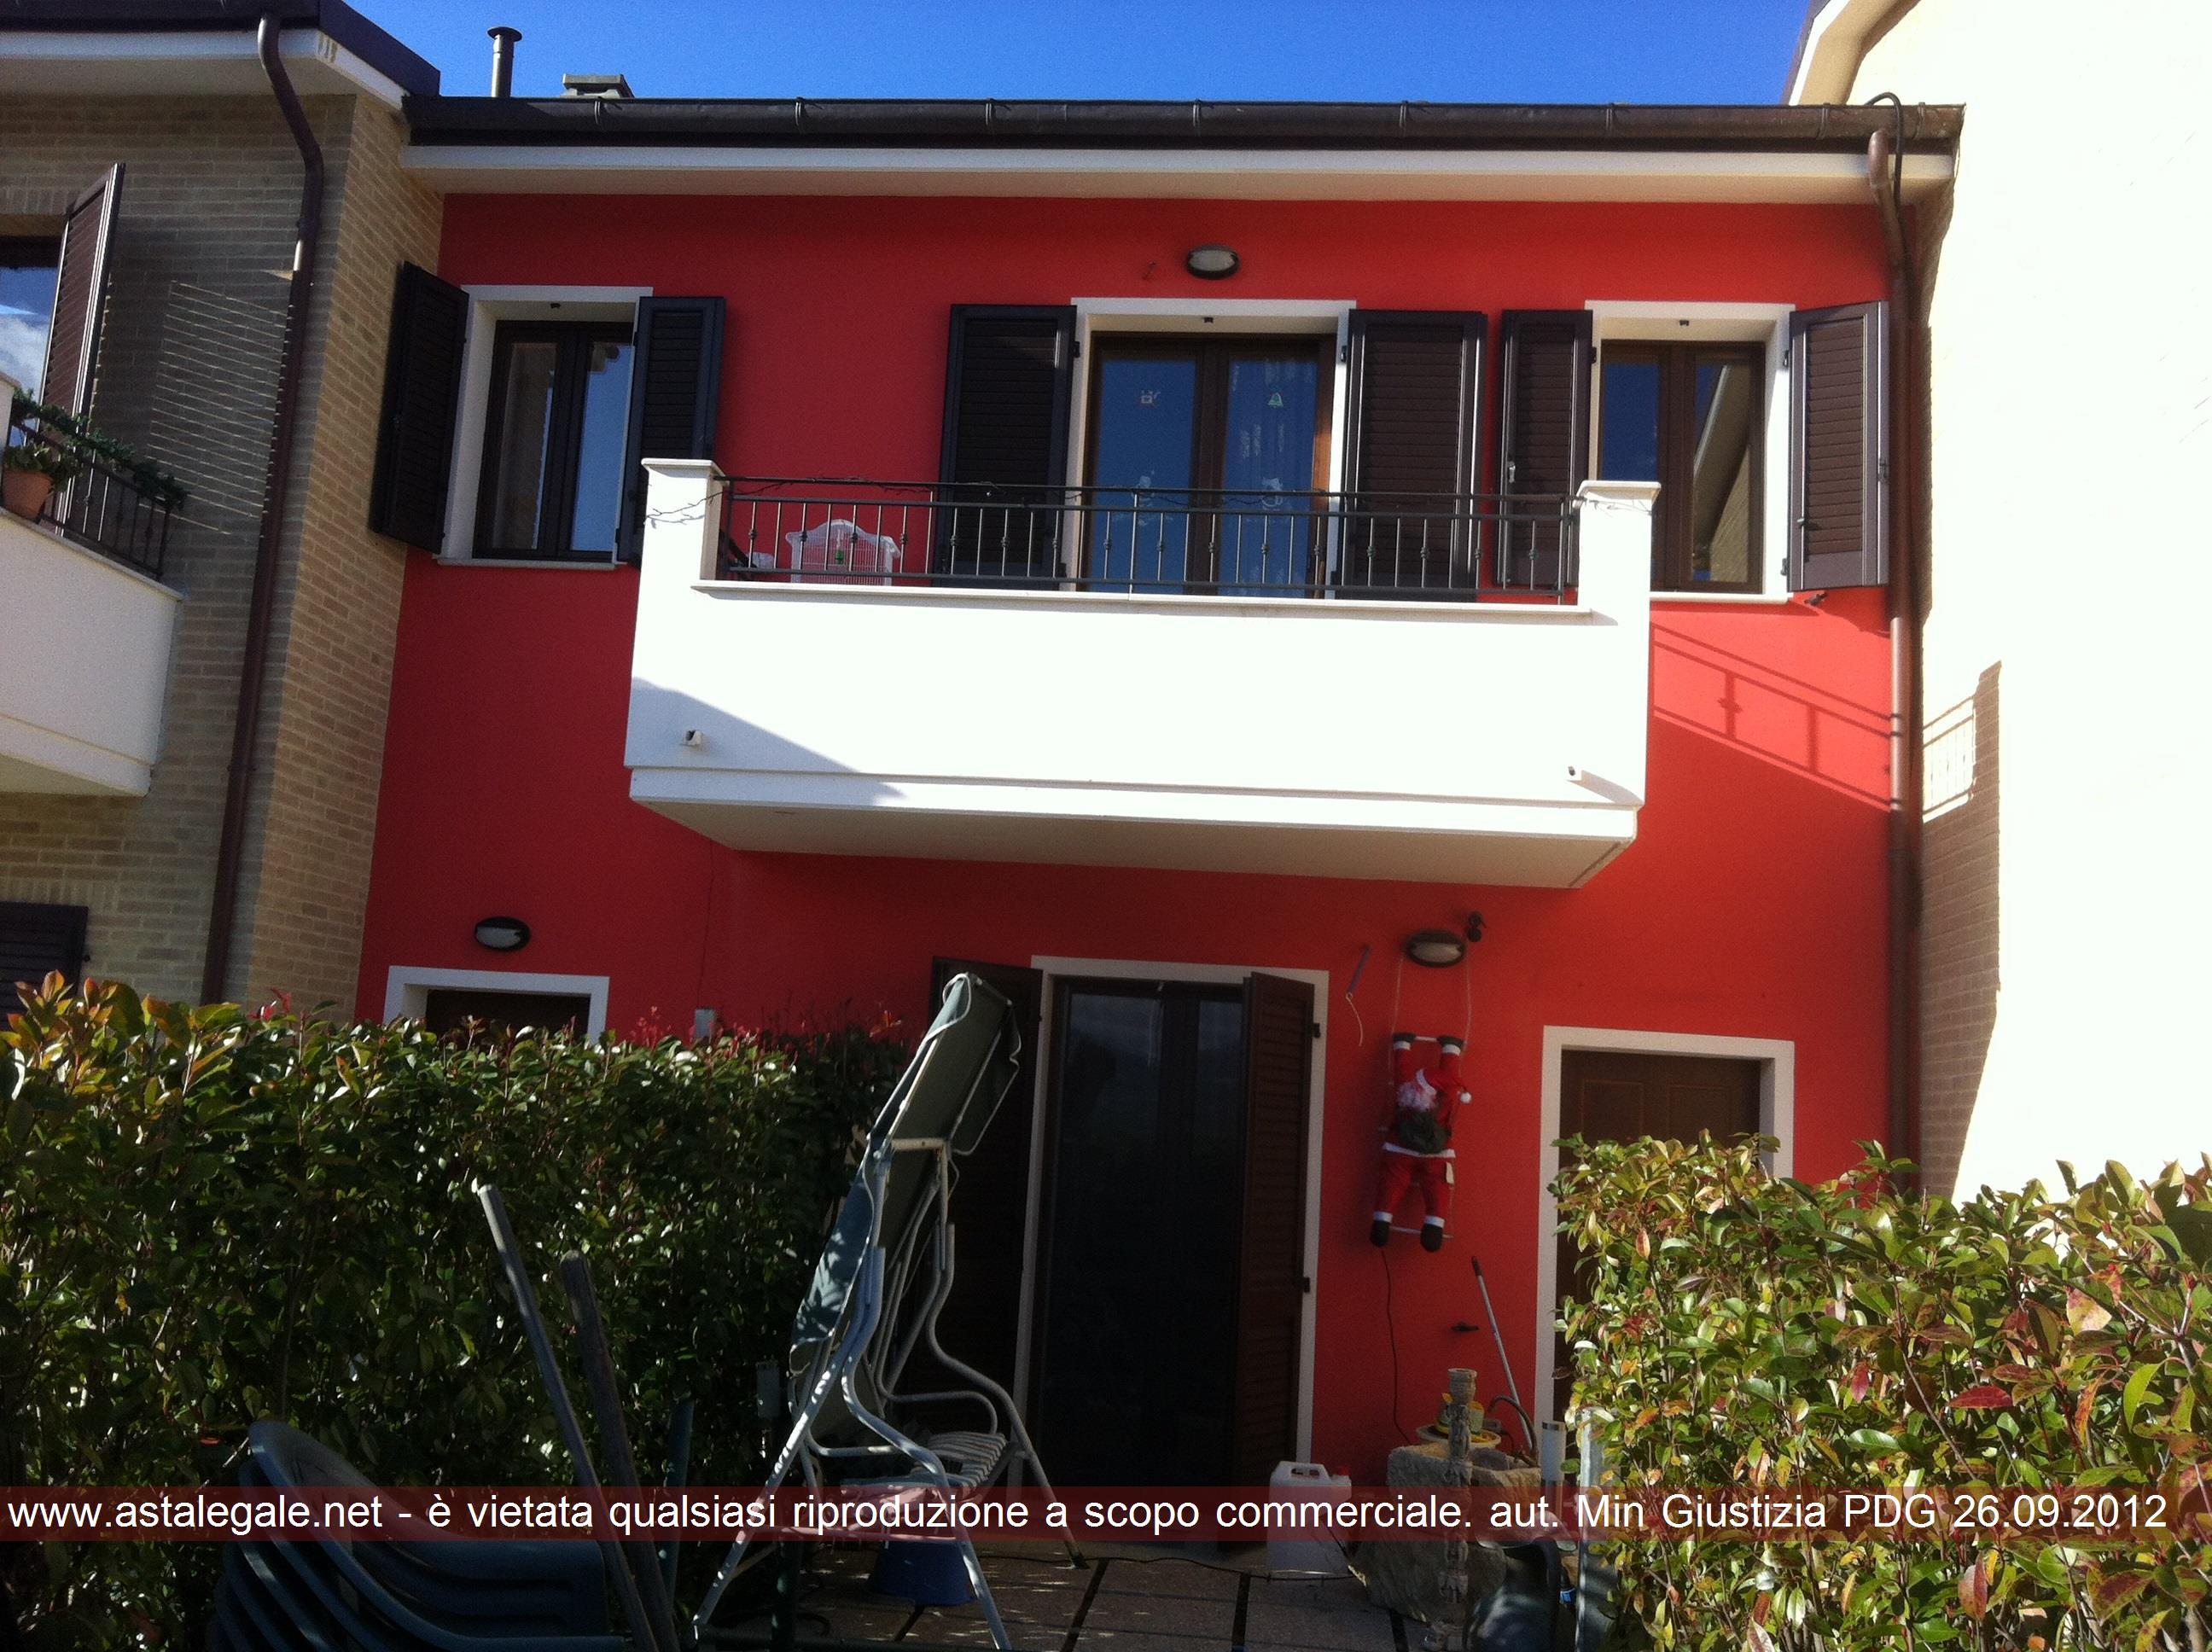 Acqualagna (PU) Via XXV Aprile 83